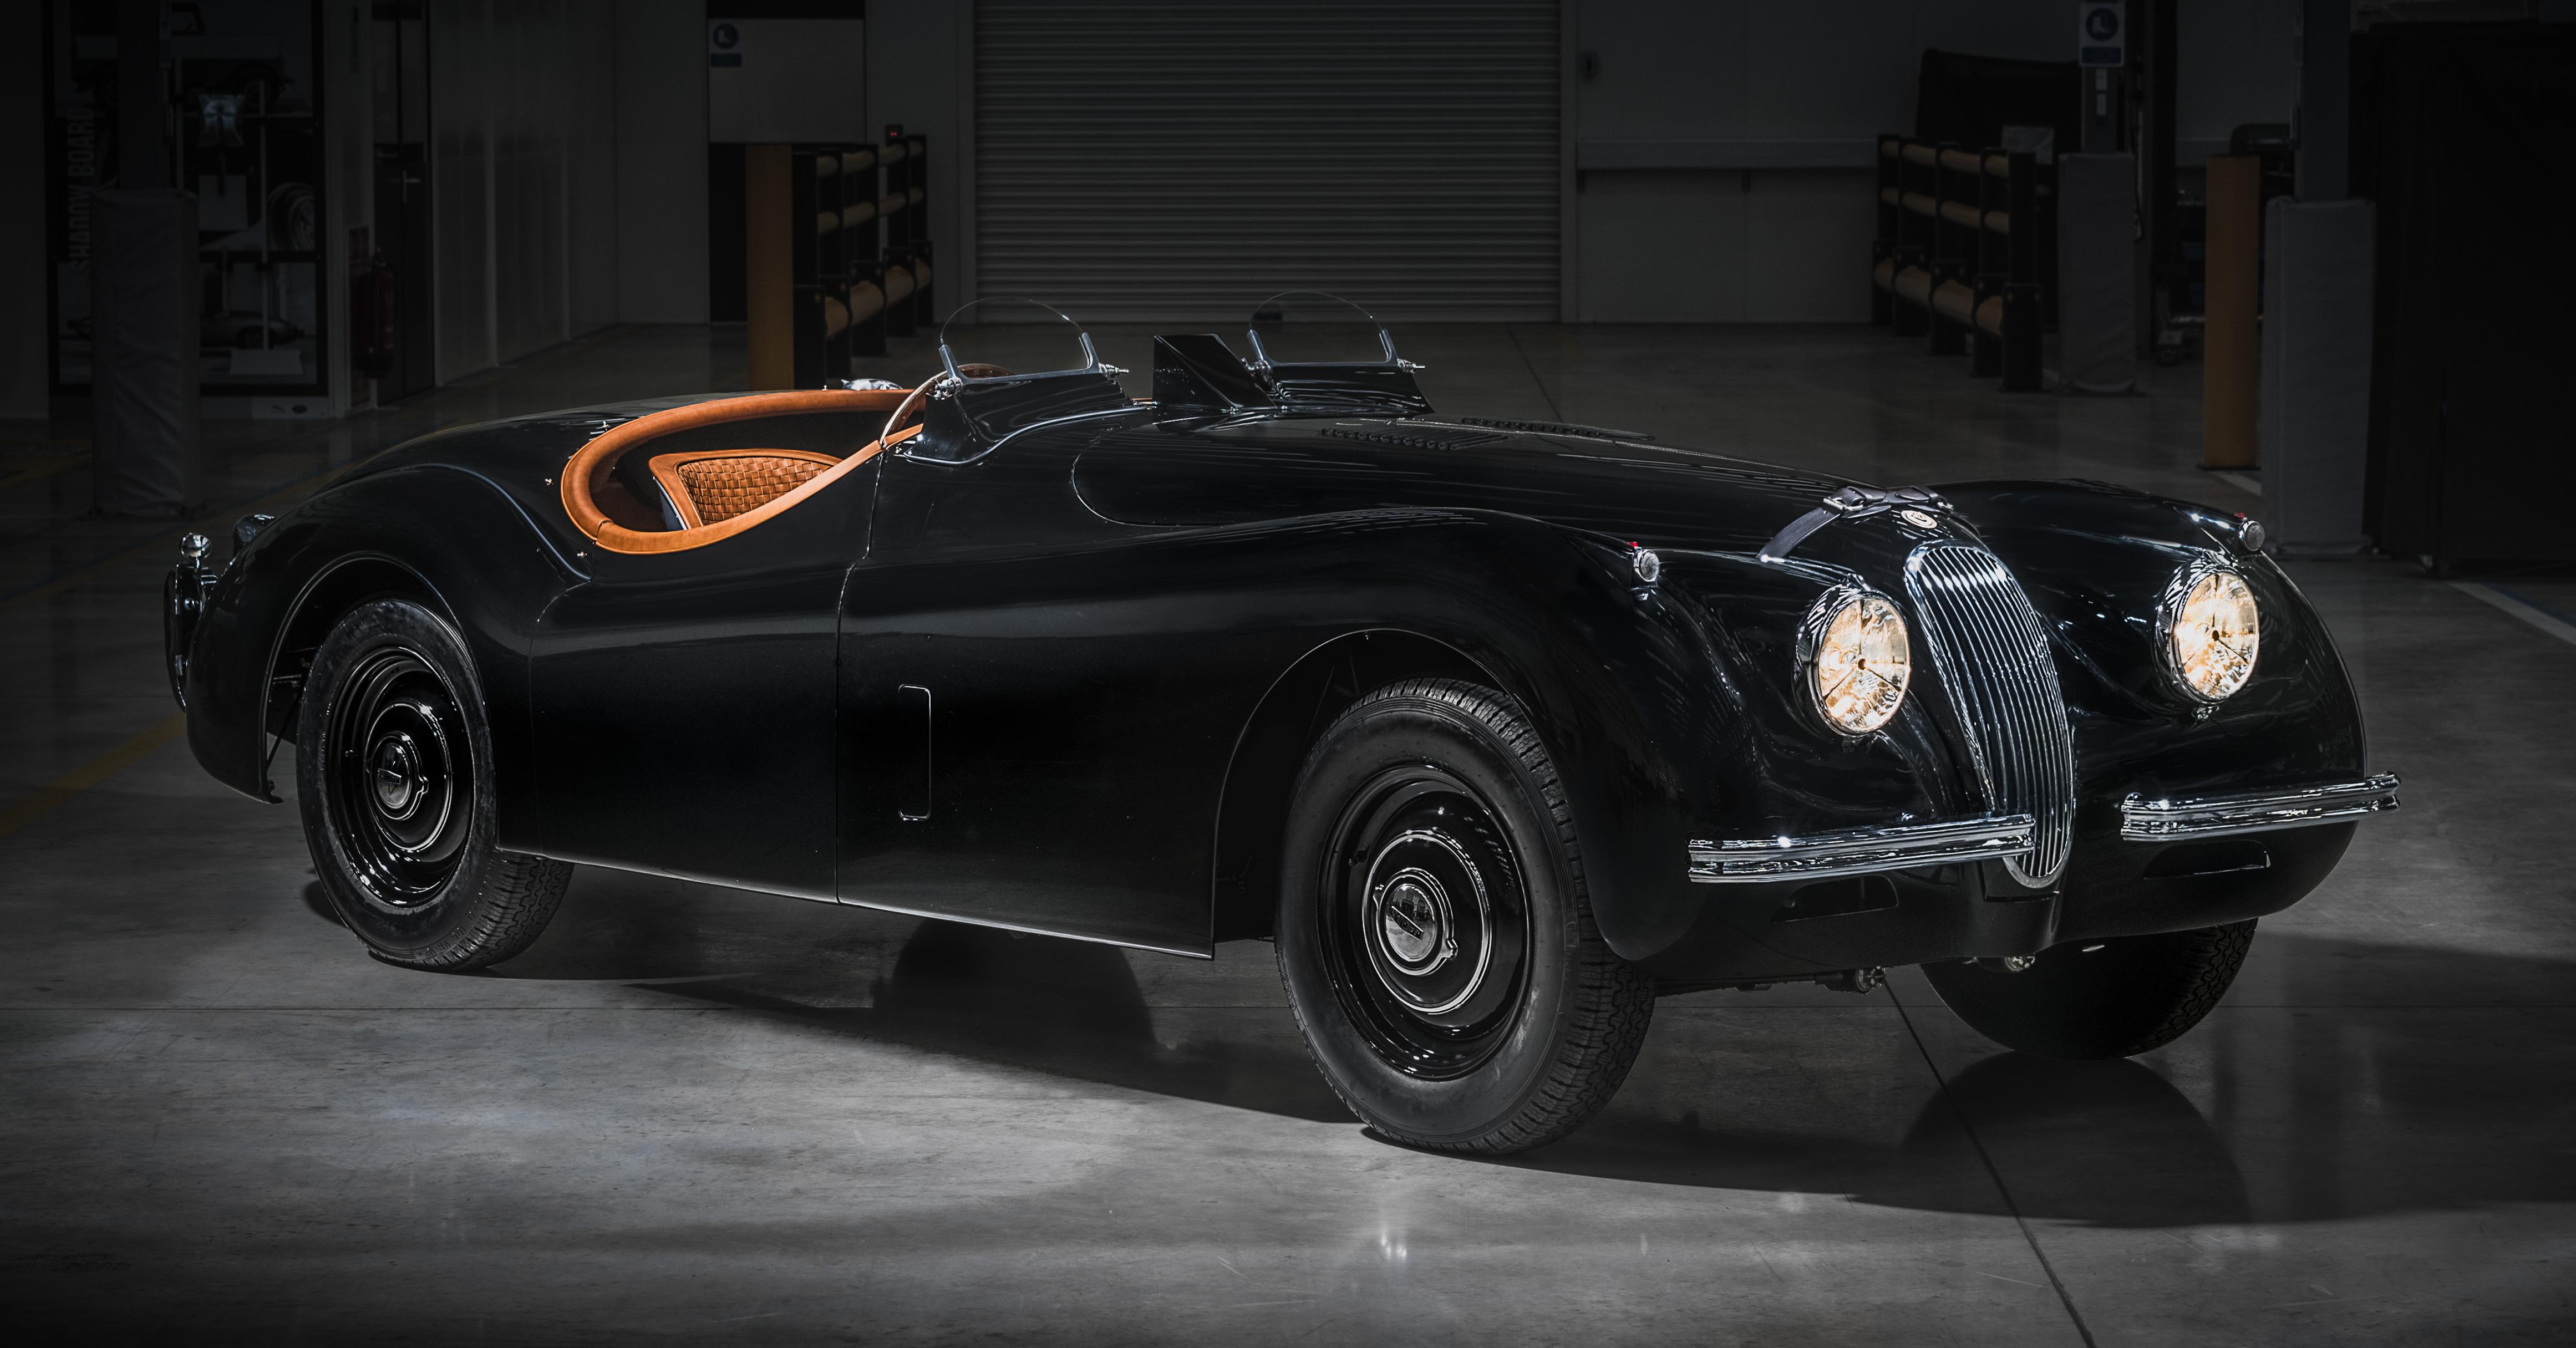 1954 Jaguar XK120 Restomodded For Loyal Enthusiast